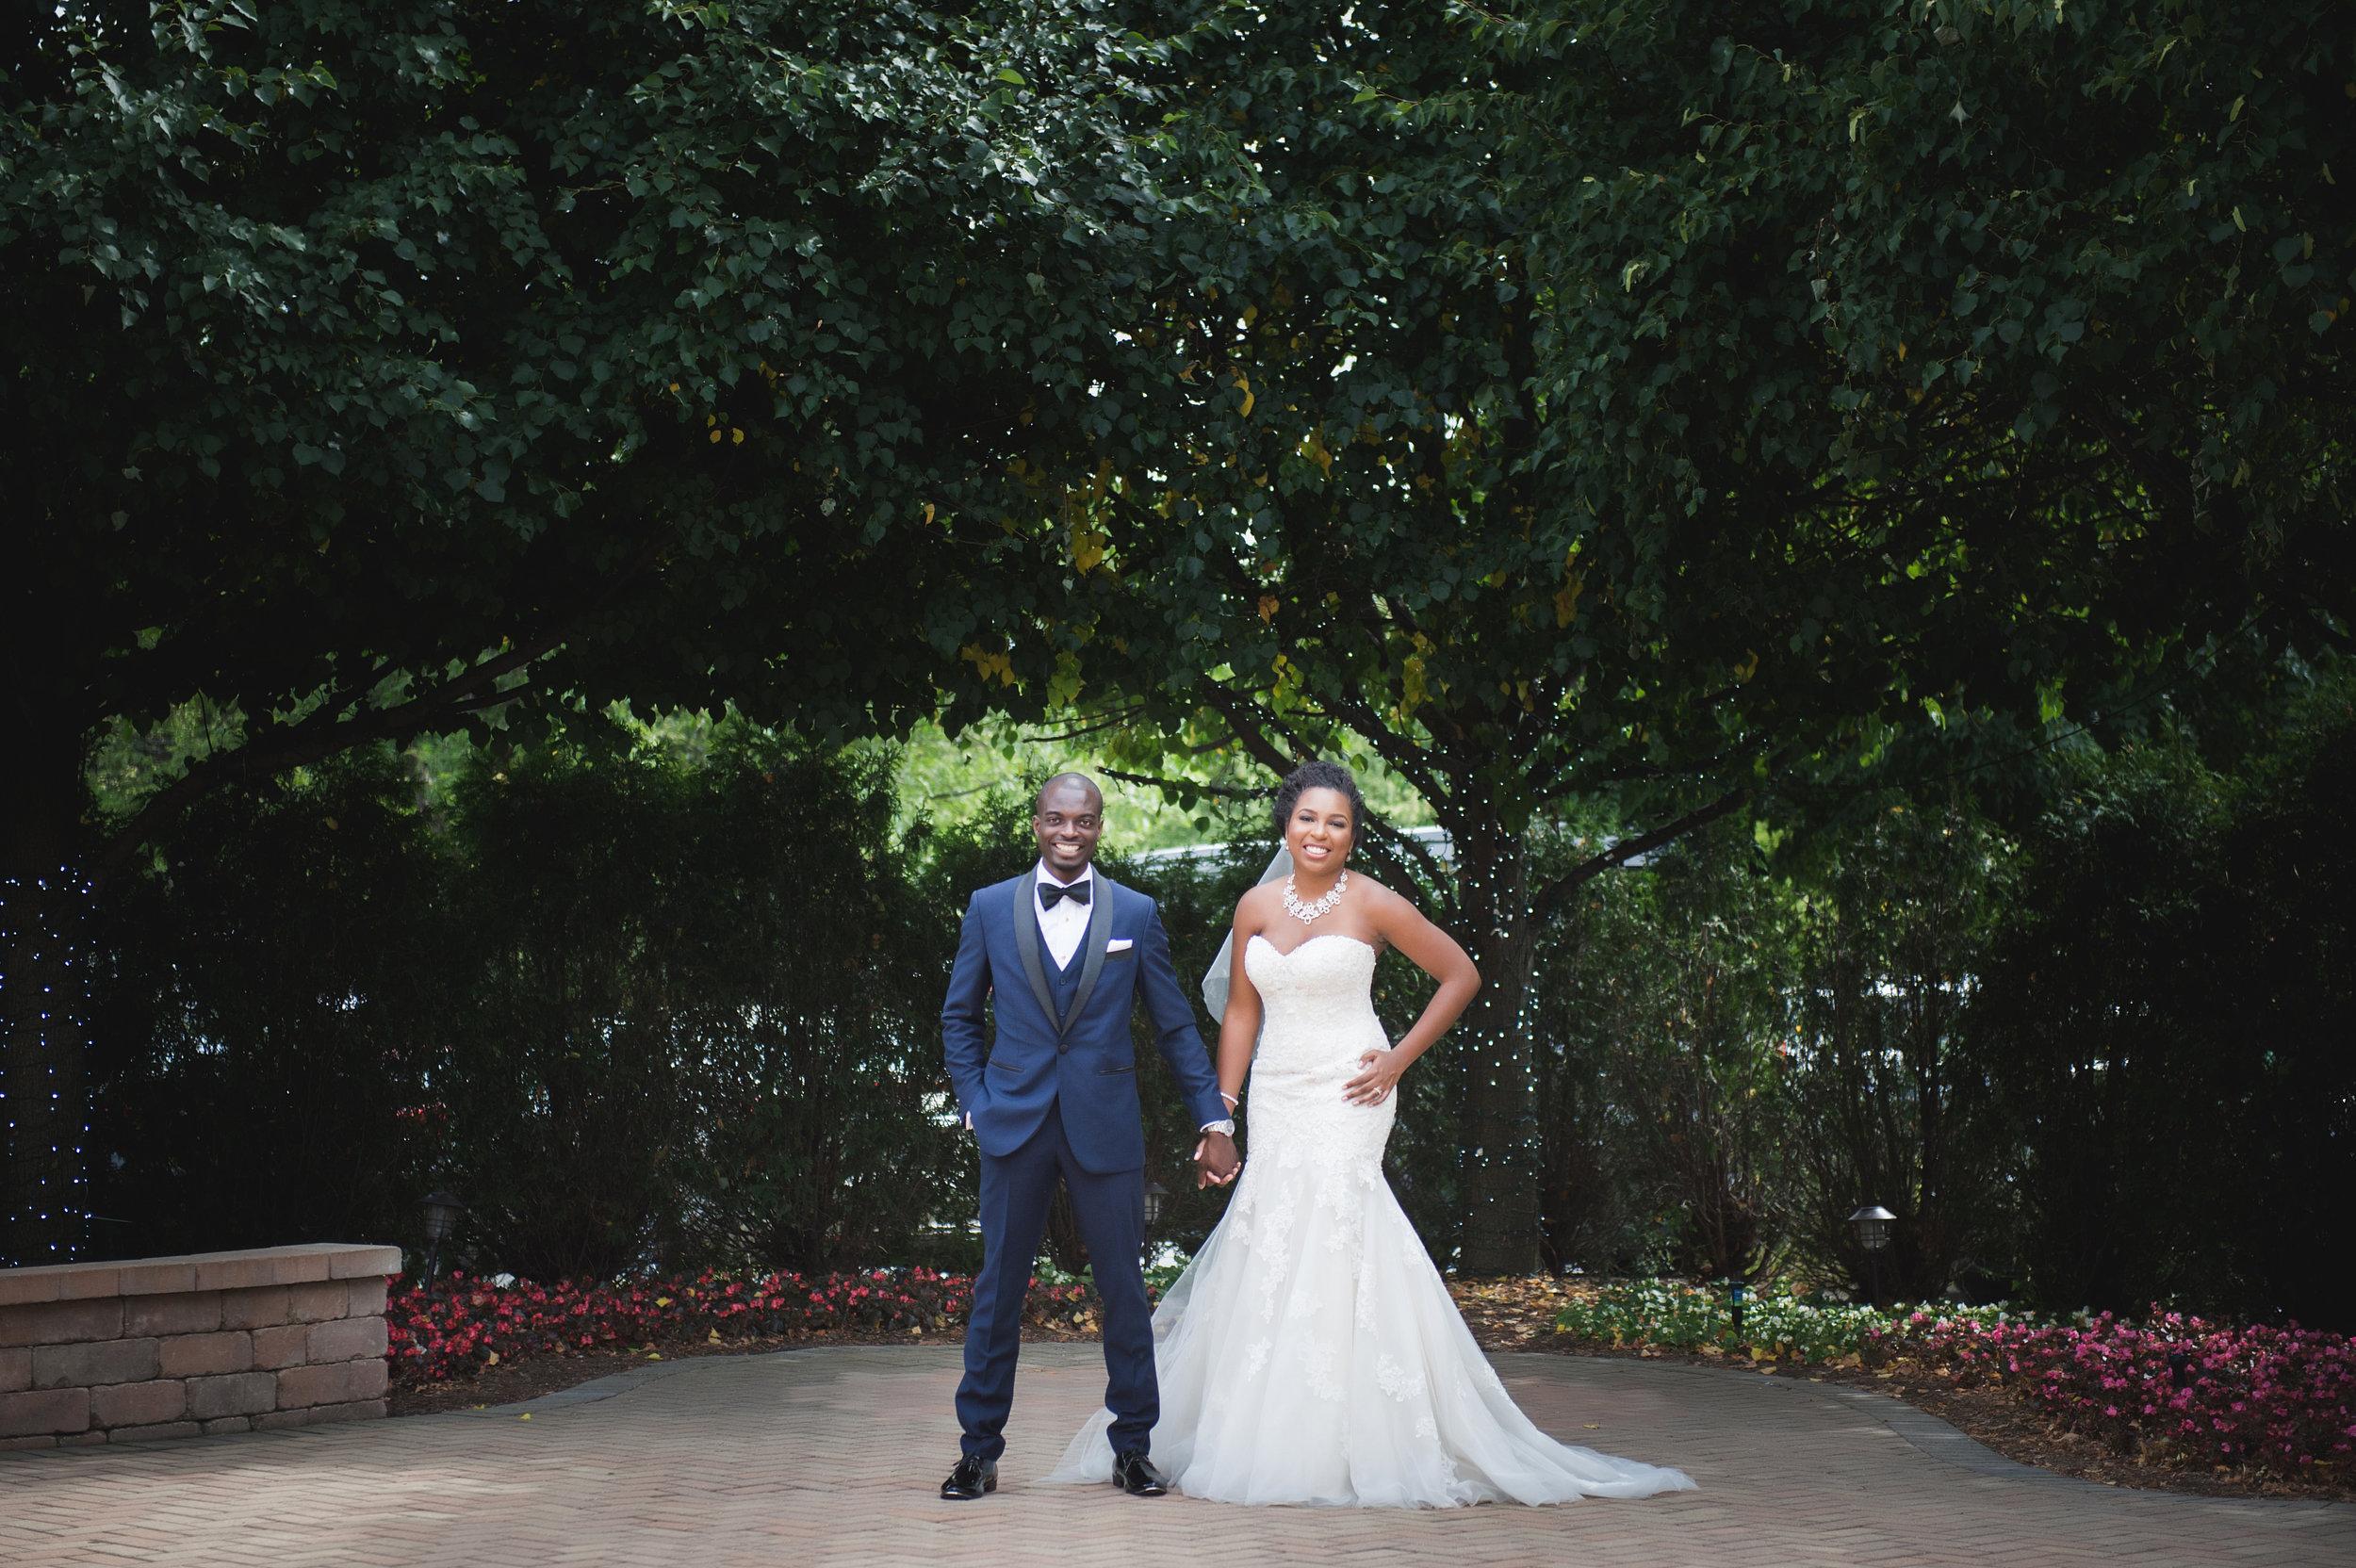 african-american-married-couple-bride-groom-wedding